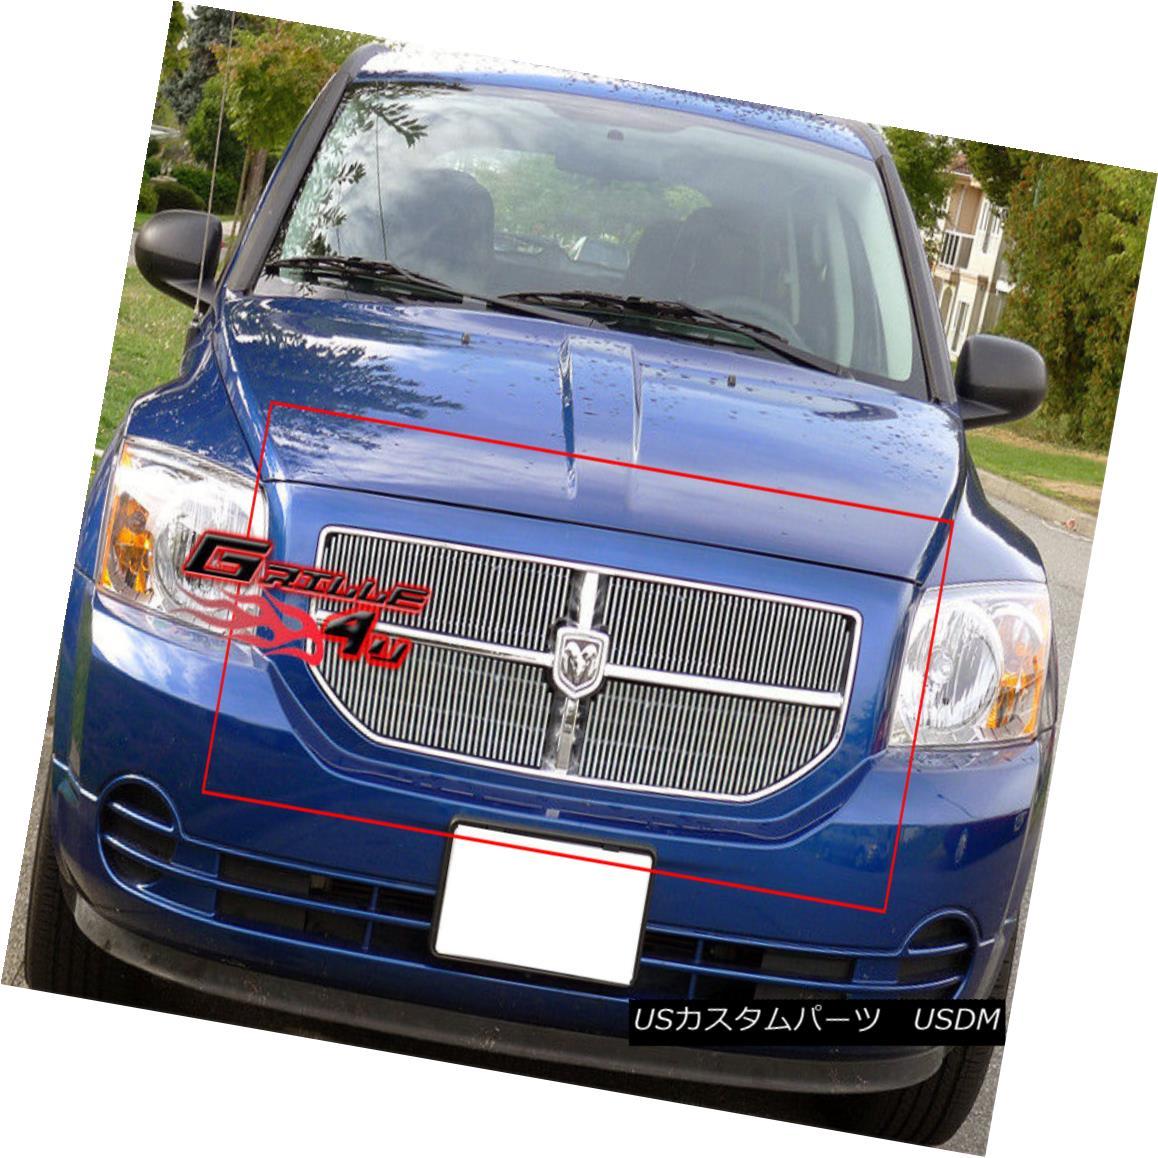 グリル For 06-11 2011 Dodge Caliber Vertical Billet Grille Insert 2011年6月11日、ダッジキャリバー縦型ビレットグリルインサート